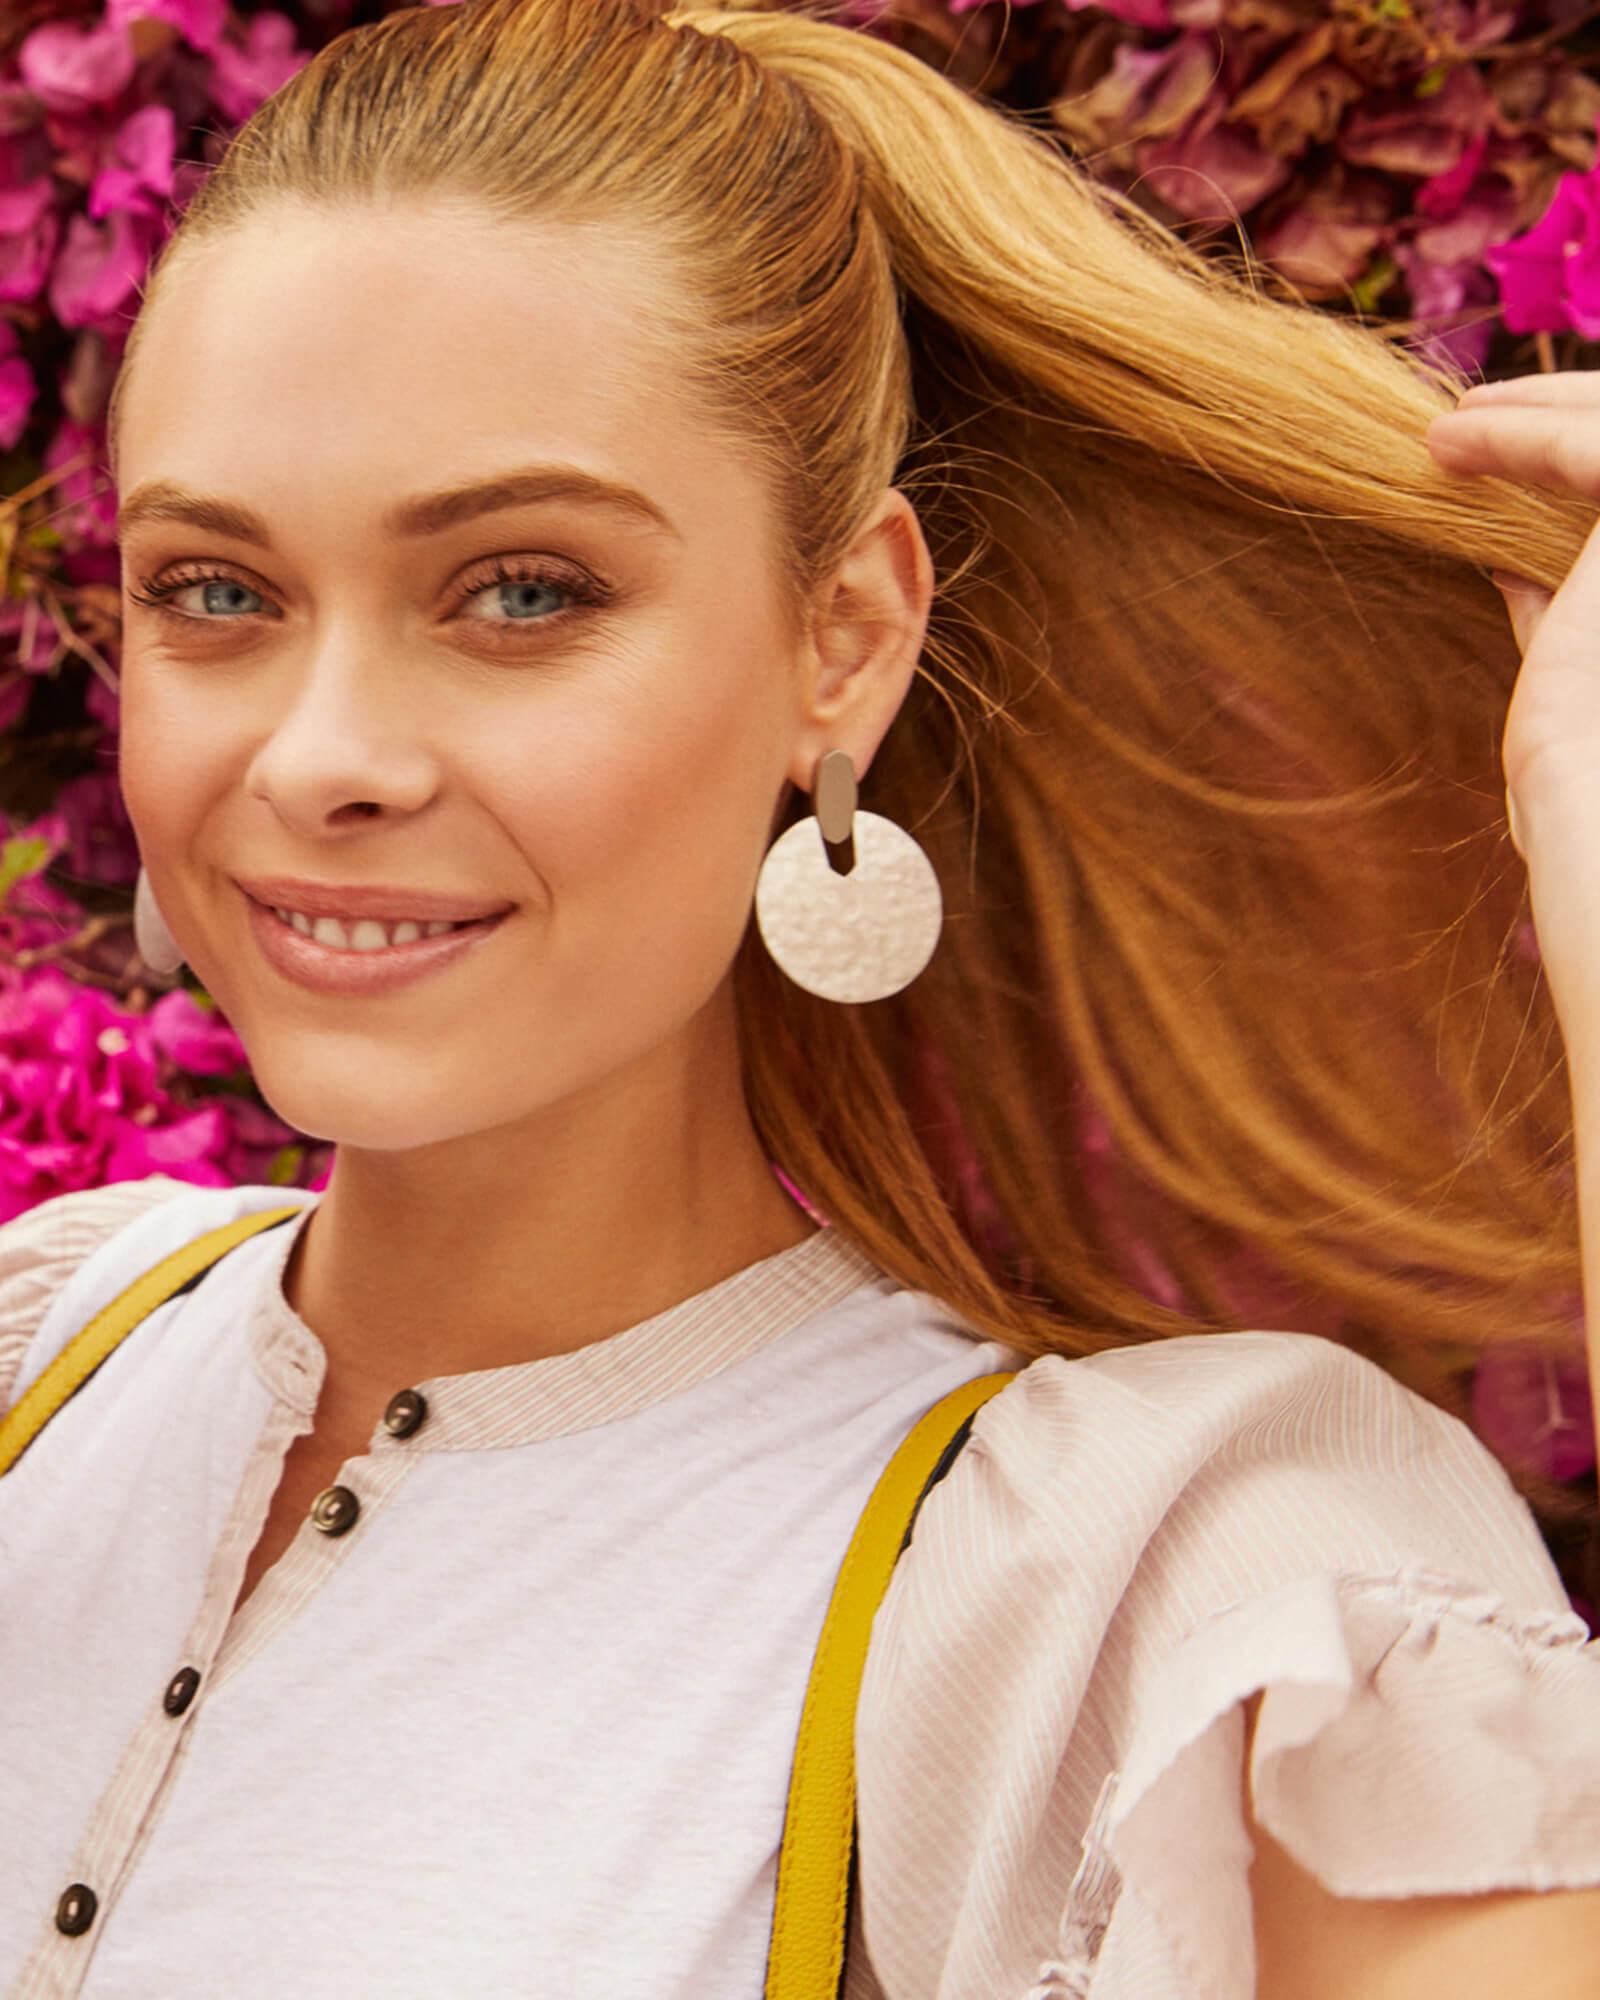 ce56821ee9246 Didi Statement Earrings in Silver   KendraScott